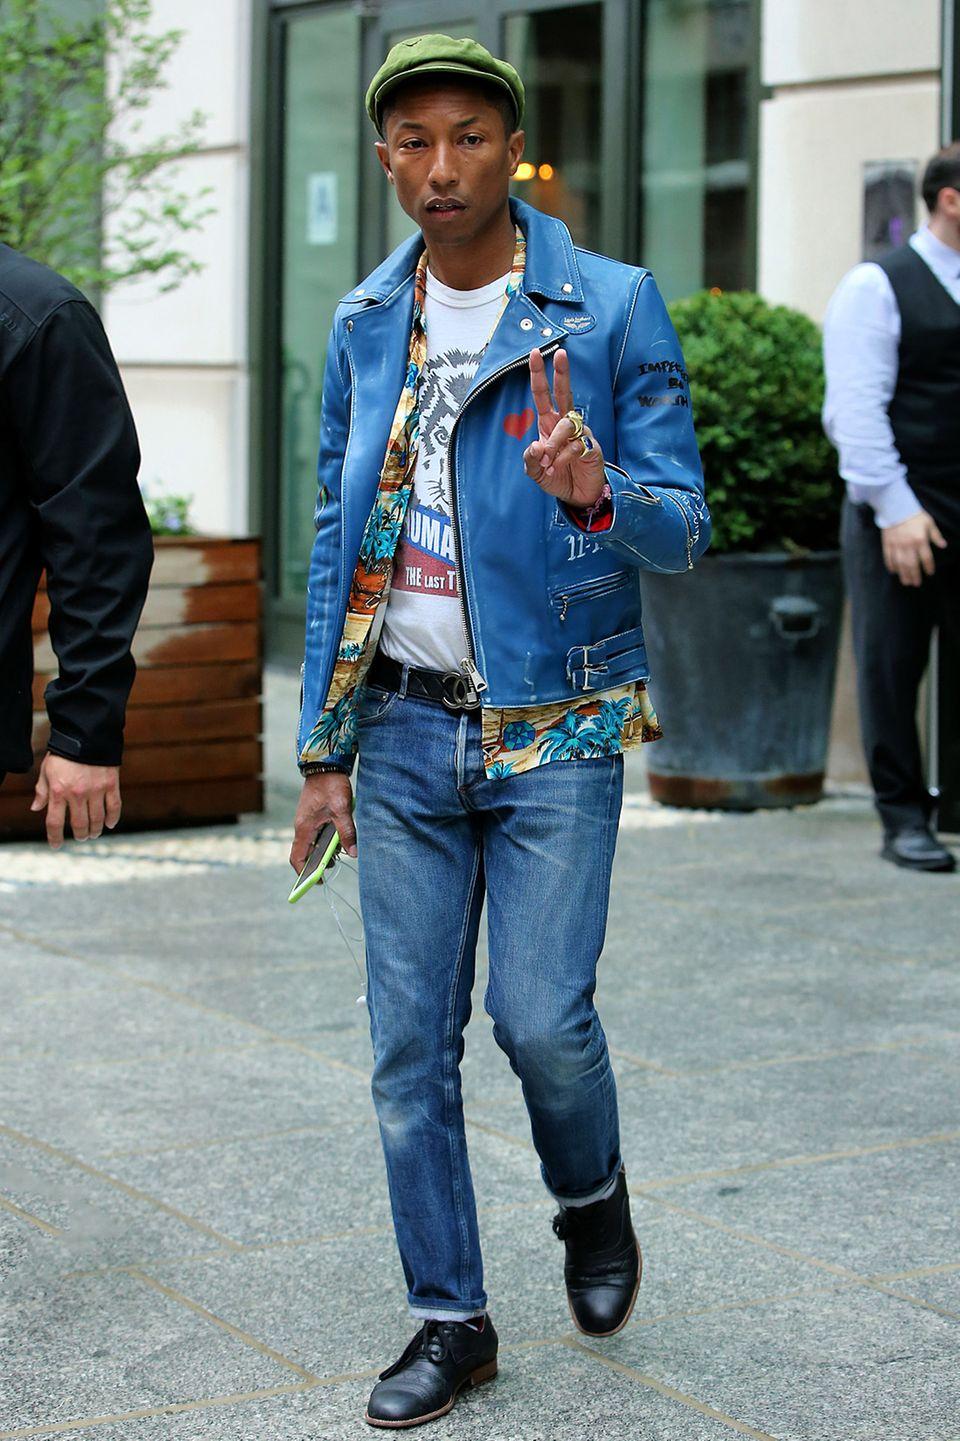 Pharrell Williams ist nicht nur eine musikalische Ausnahmeerscheinung, sondern auch eine modische. Sein Stil ist abwechslungsreich und überraschend, und kaum ein anderer könnte wohl mit einer Hawaii-Hemd-Lederjacken-Kombi so stylisch davonkommen.